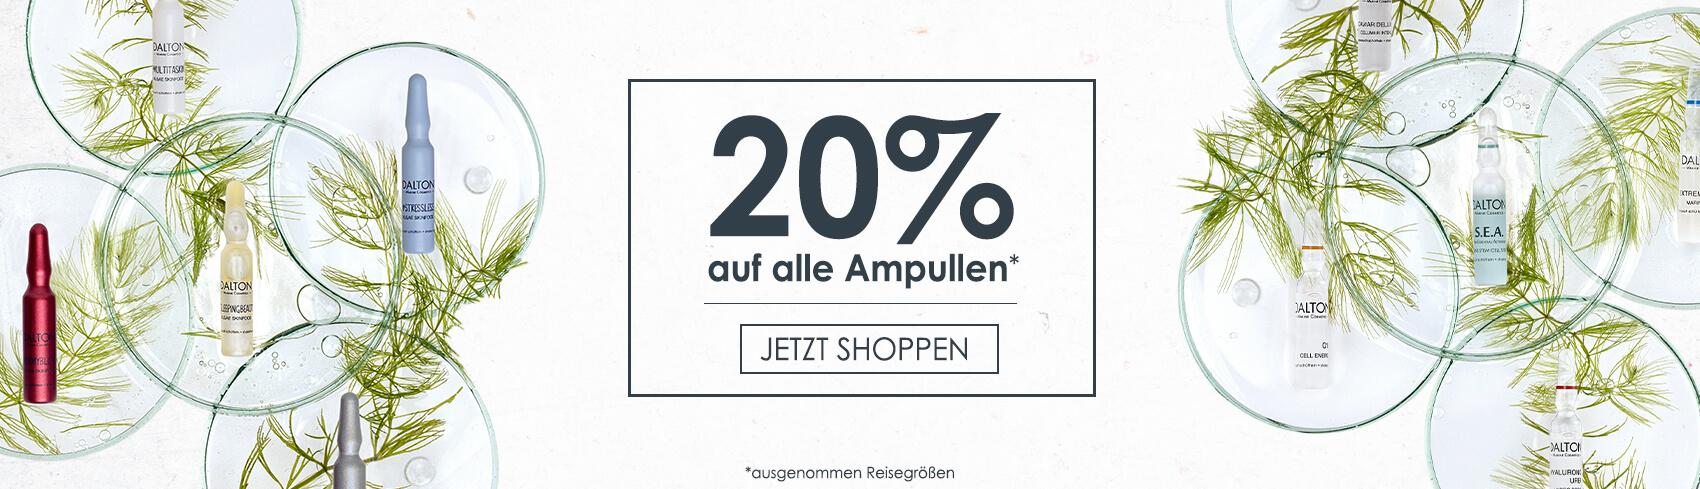 20% auf alle Ampullen